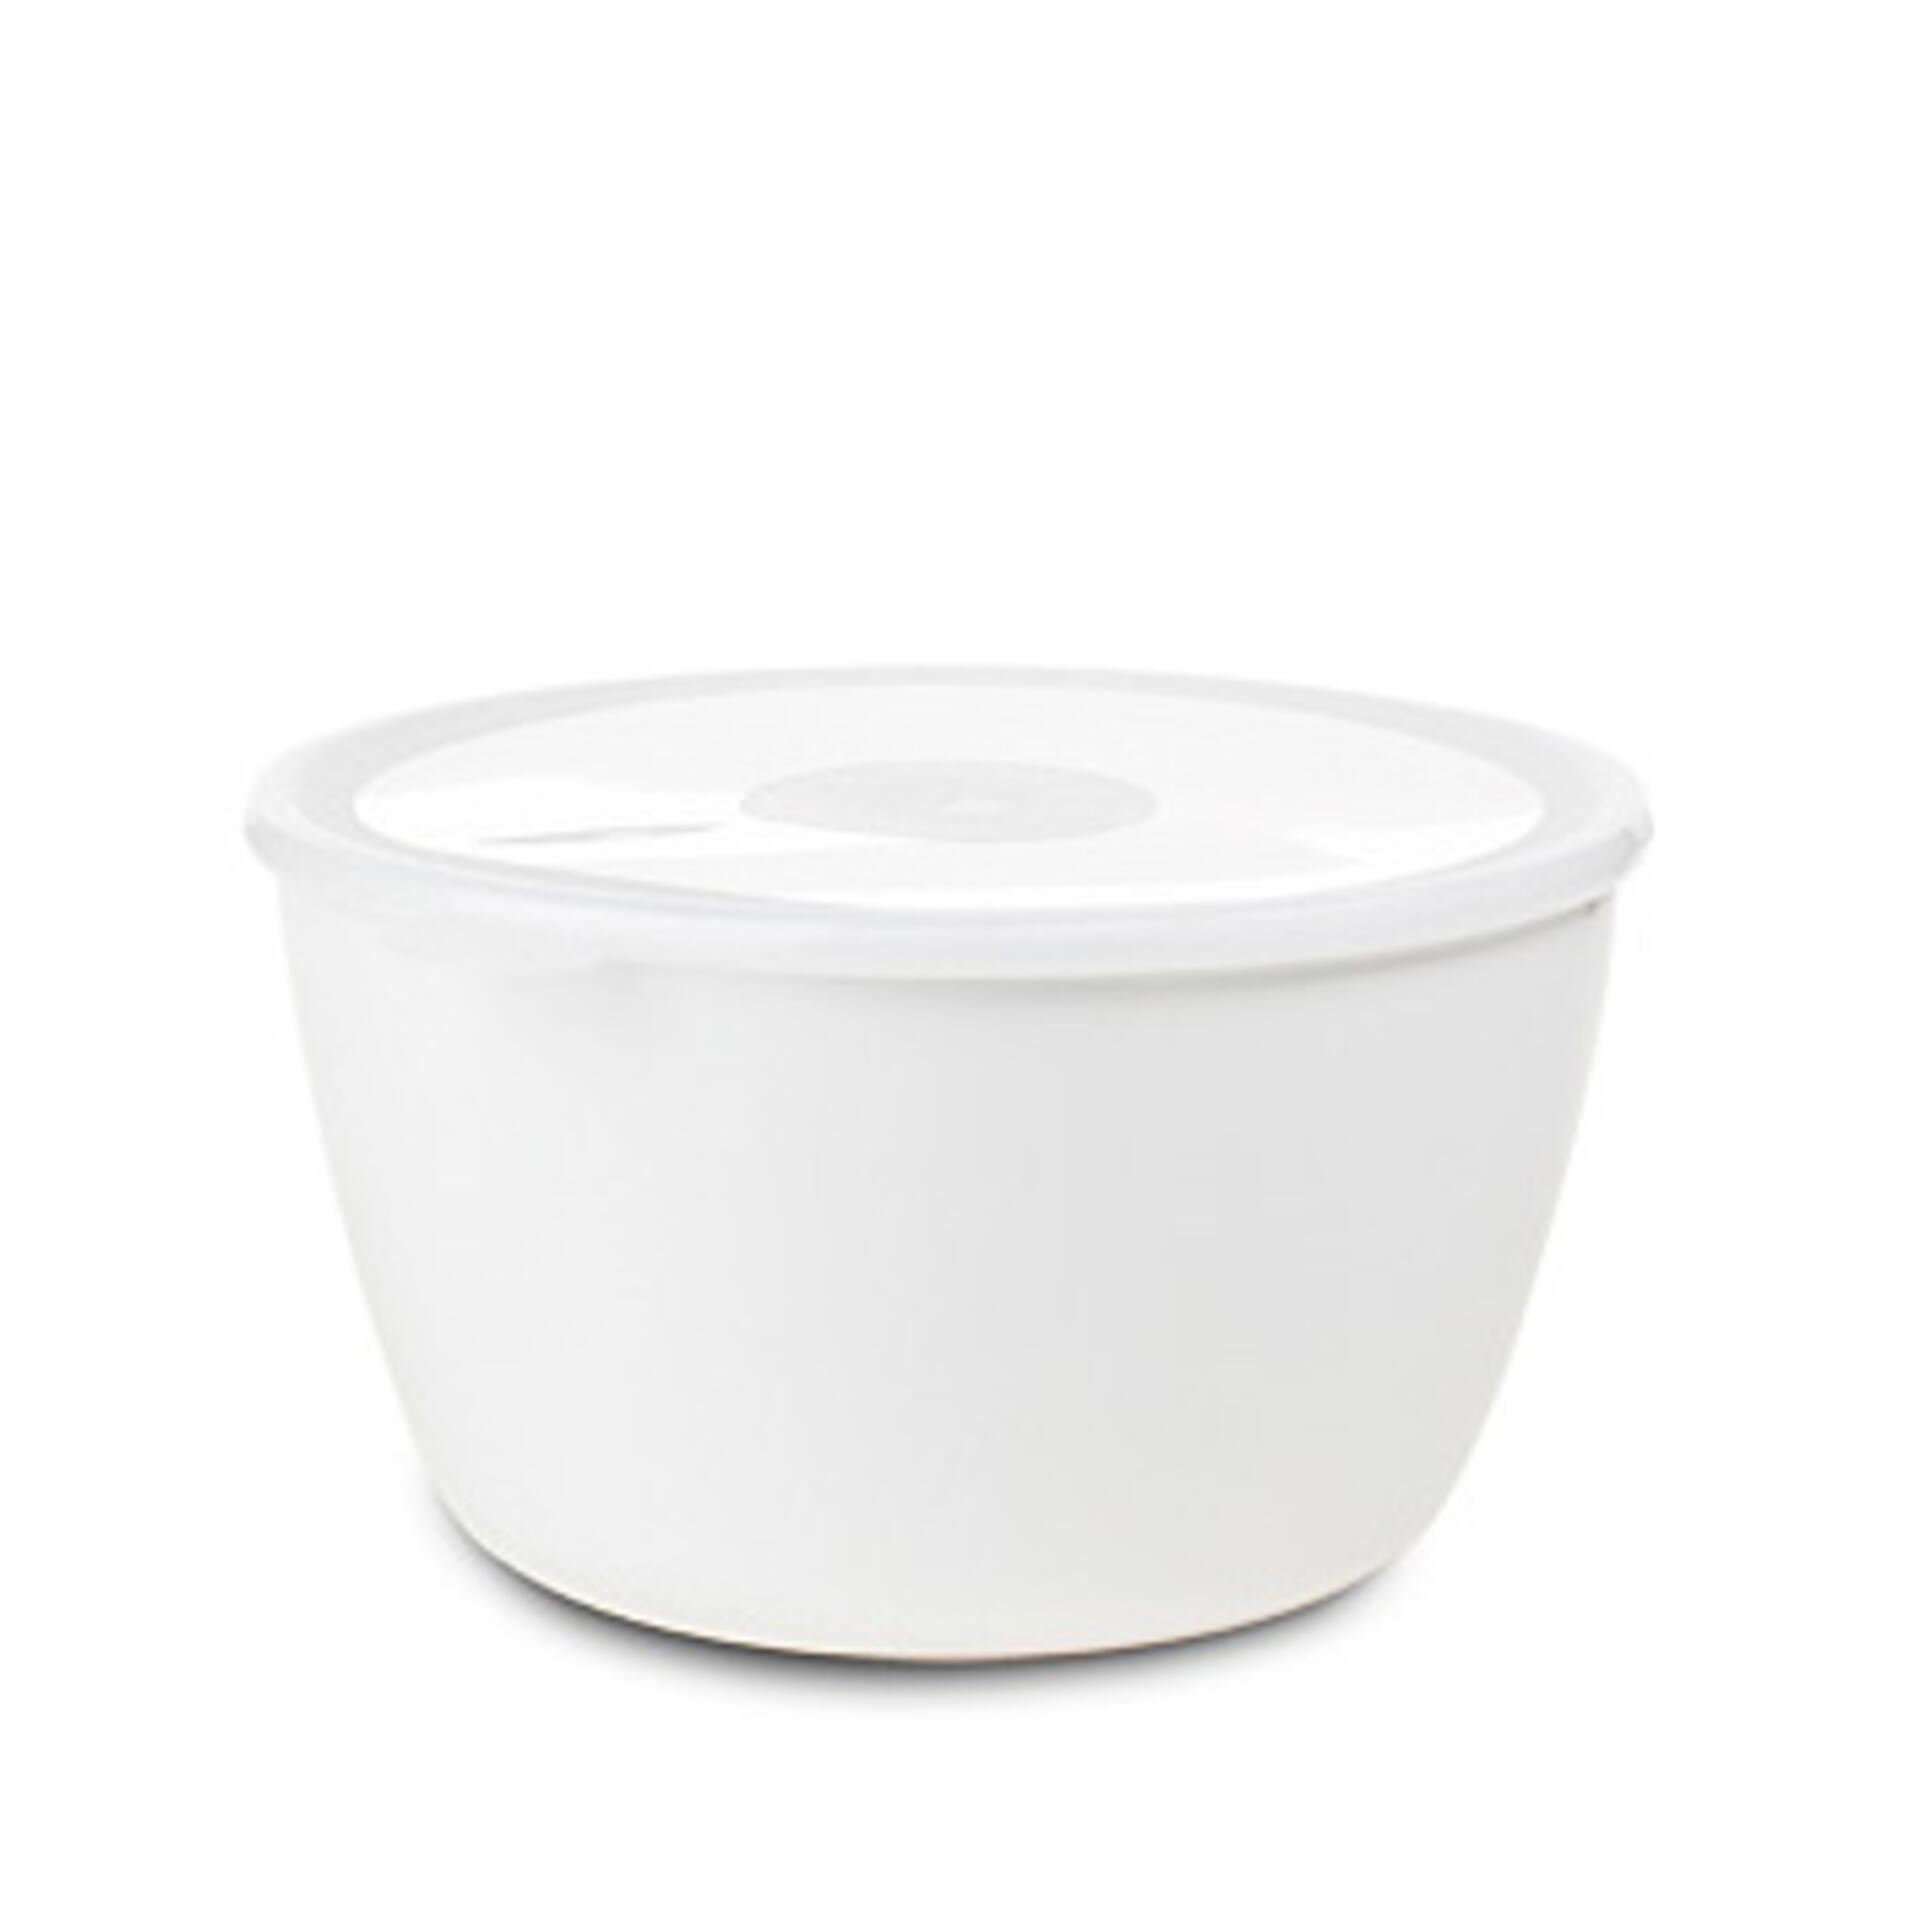 Rosti Mepal Volumia Aufbewahrung 3 l Weiß